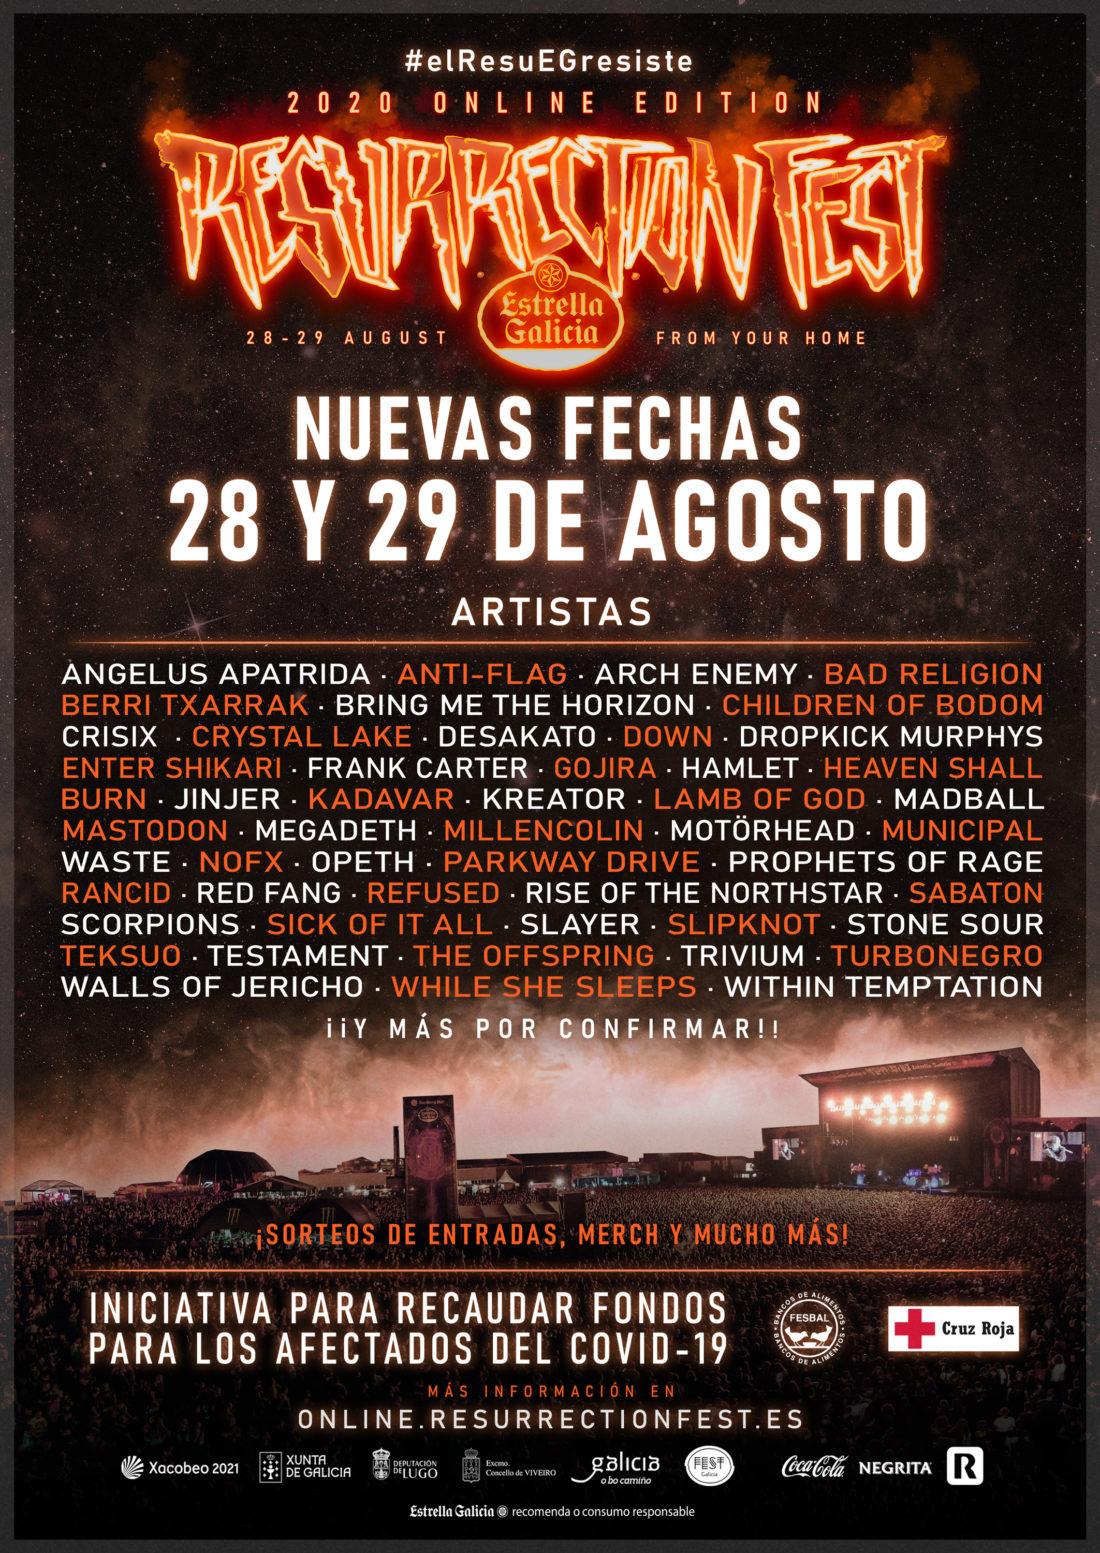 El Resurrection Fest Estrella Galicia Online se pospone al 28 y 29 de agosto